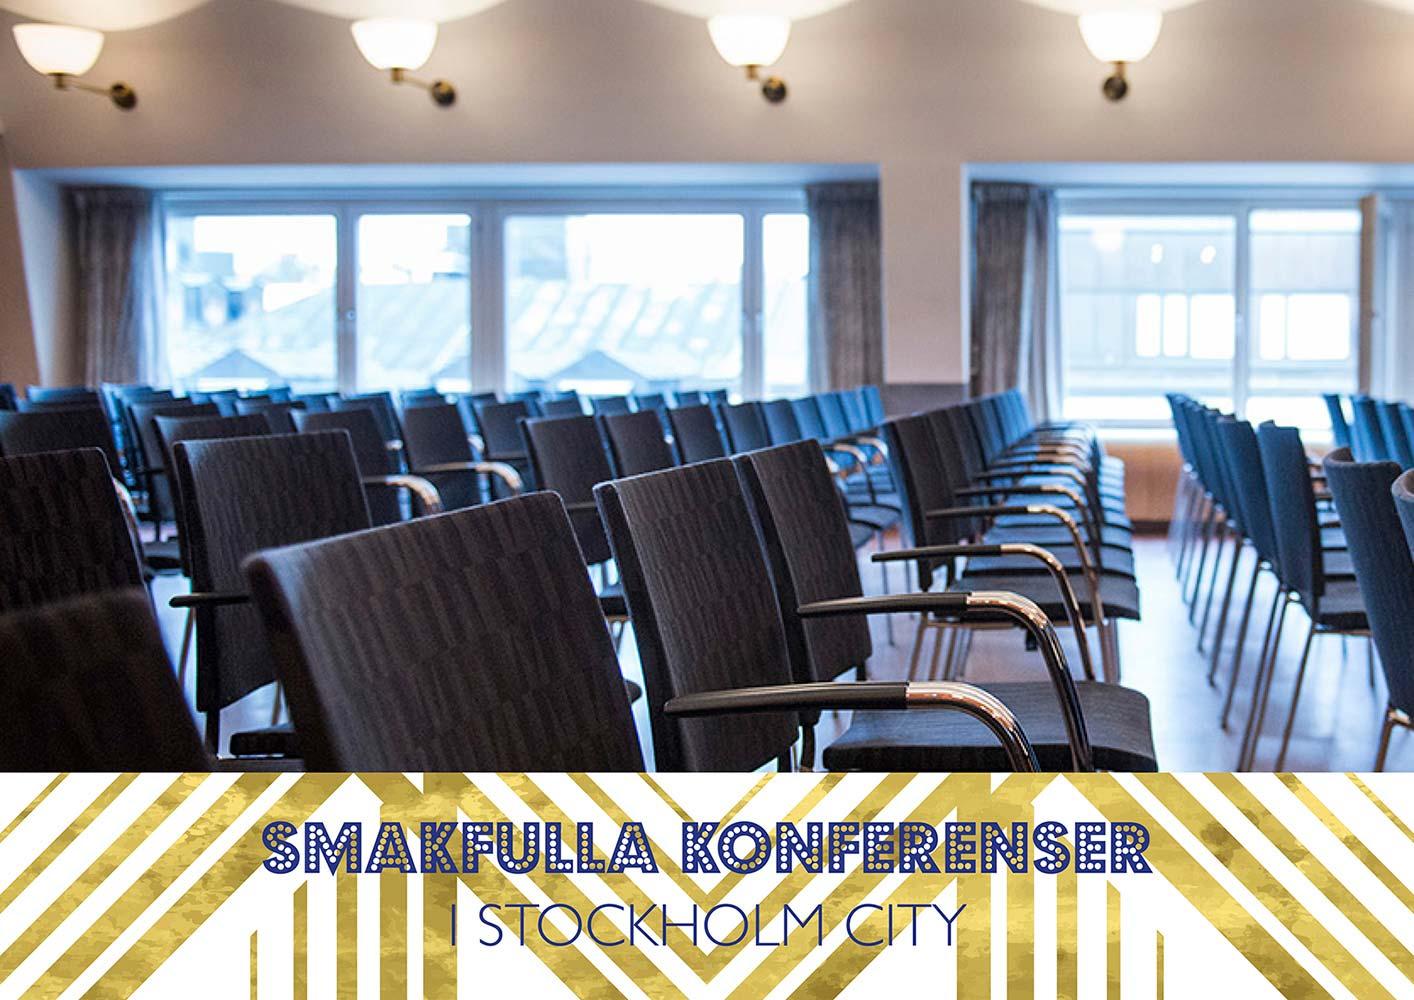 Smakfulla konferenser i stockholm city